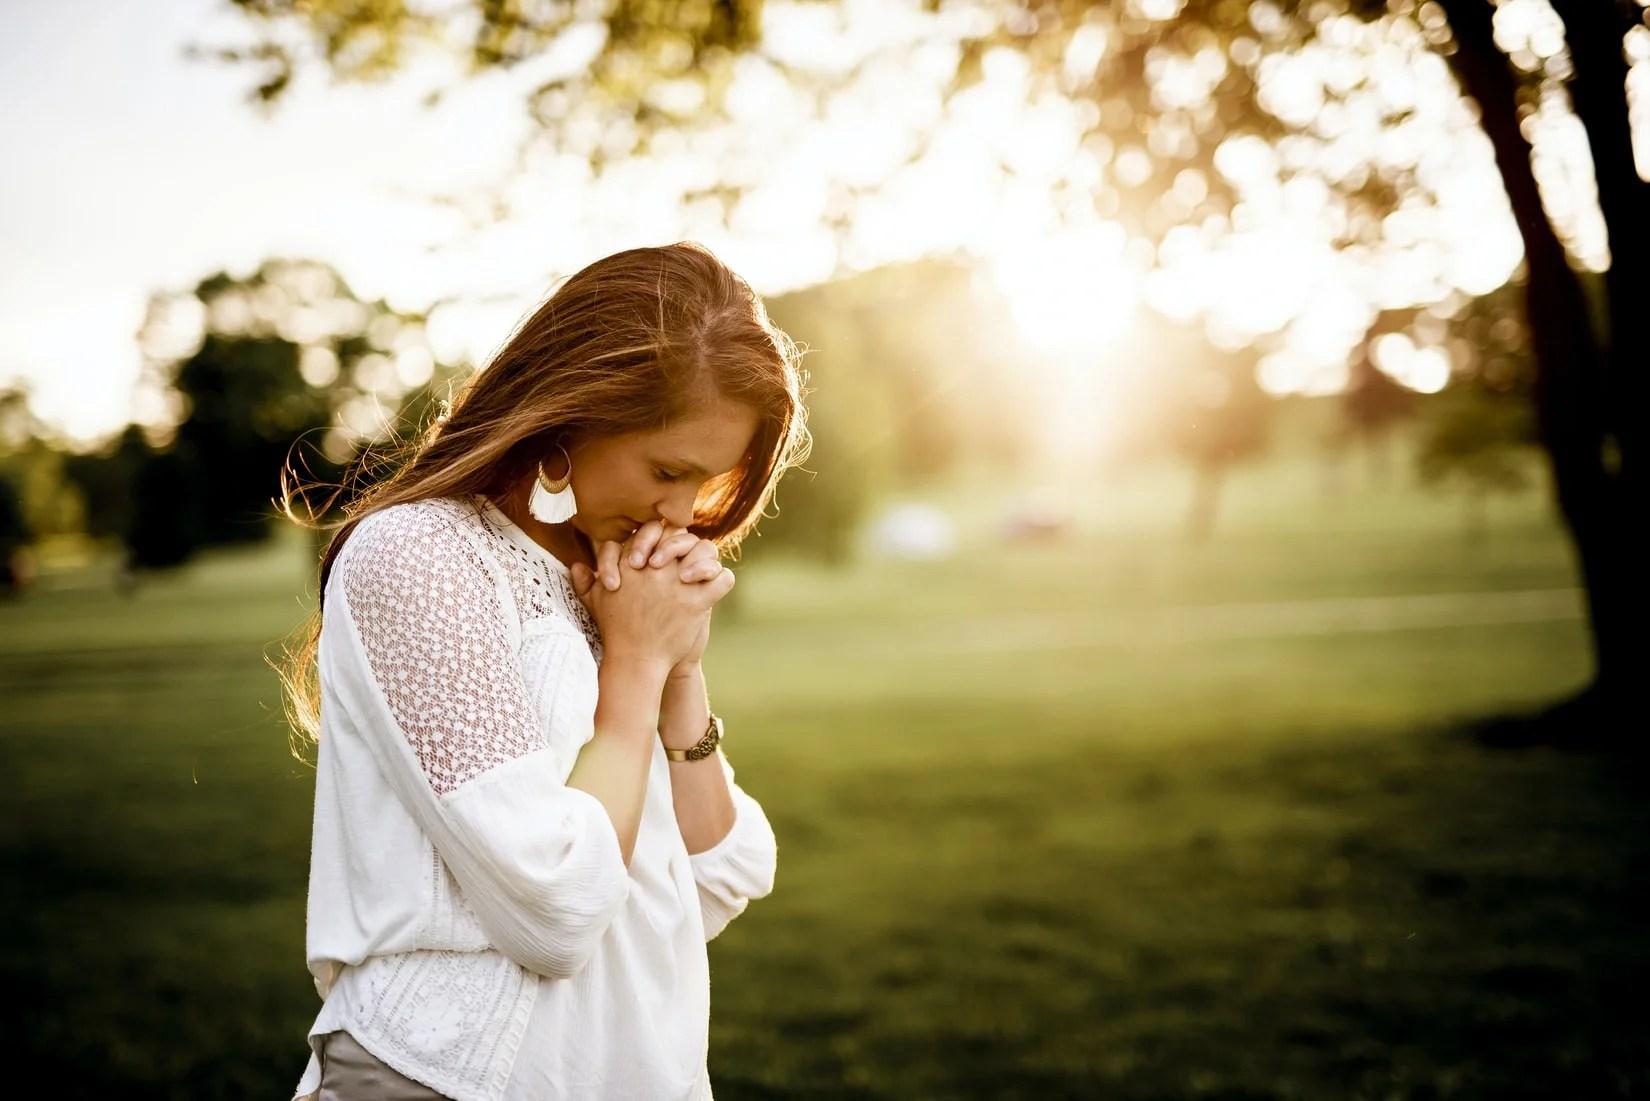 Gebete in Not und Verzweiflung – Affirmationen für große Not